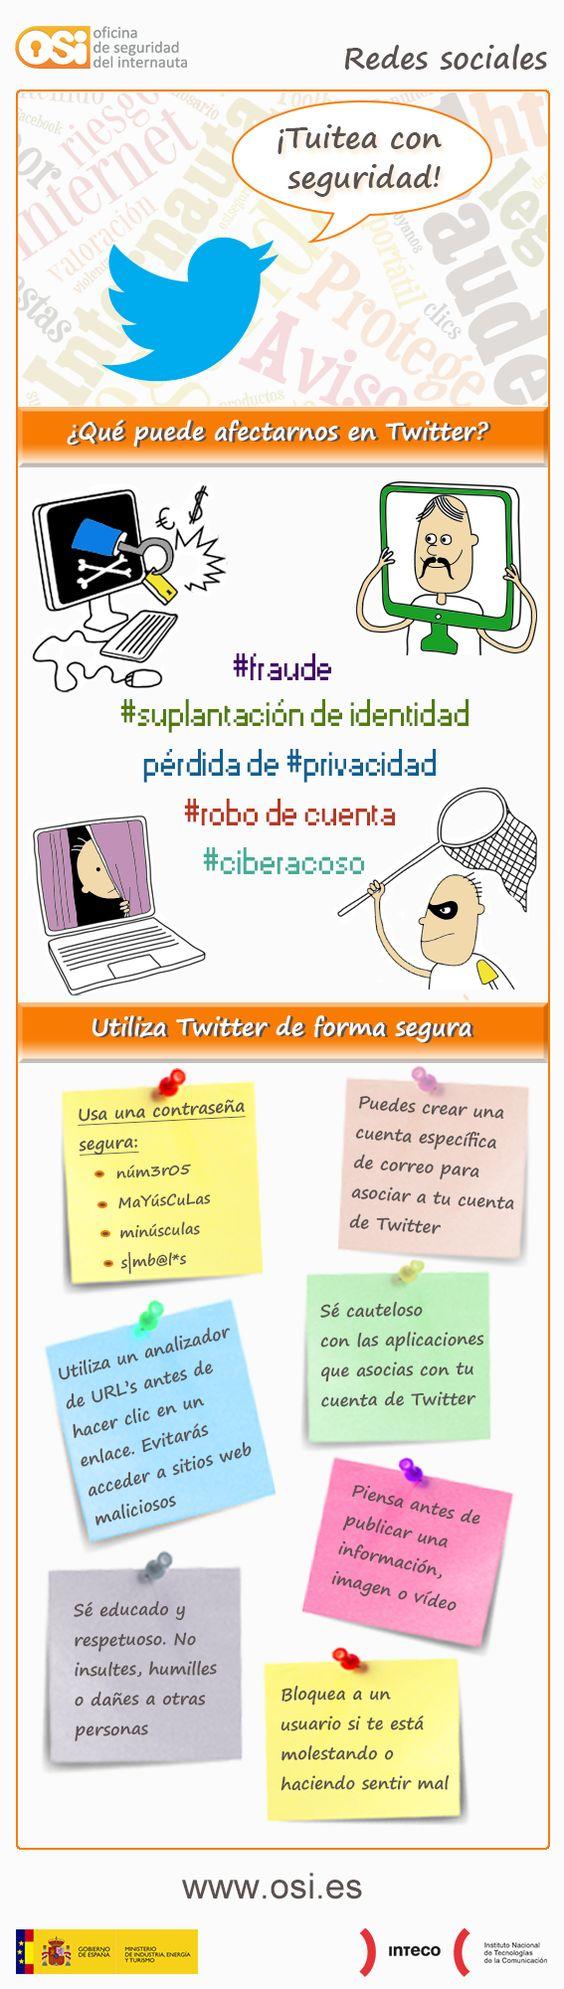 Tuitea con seguridad oficina de seguridad del internauta for Oficina seguretat social